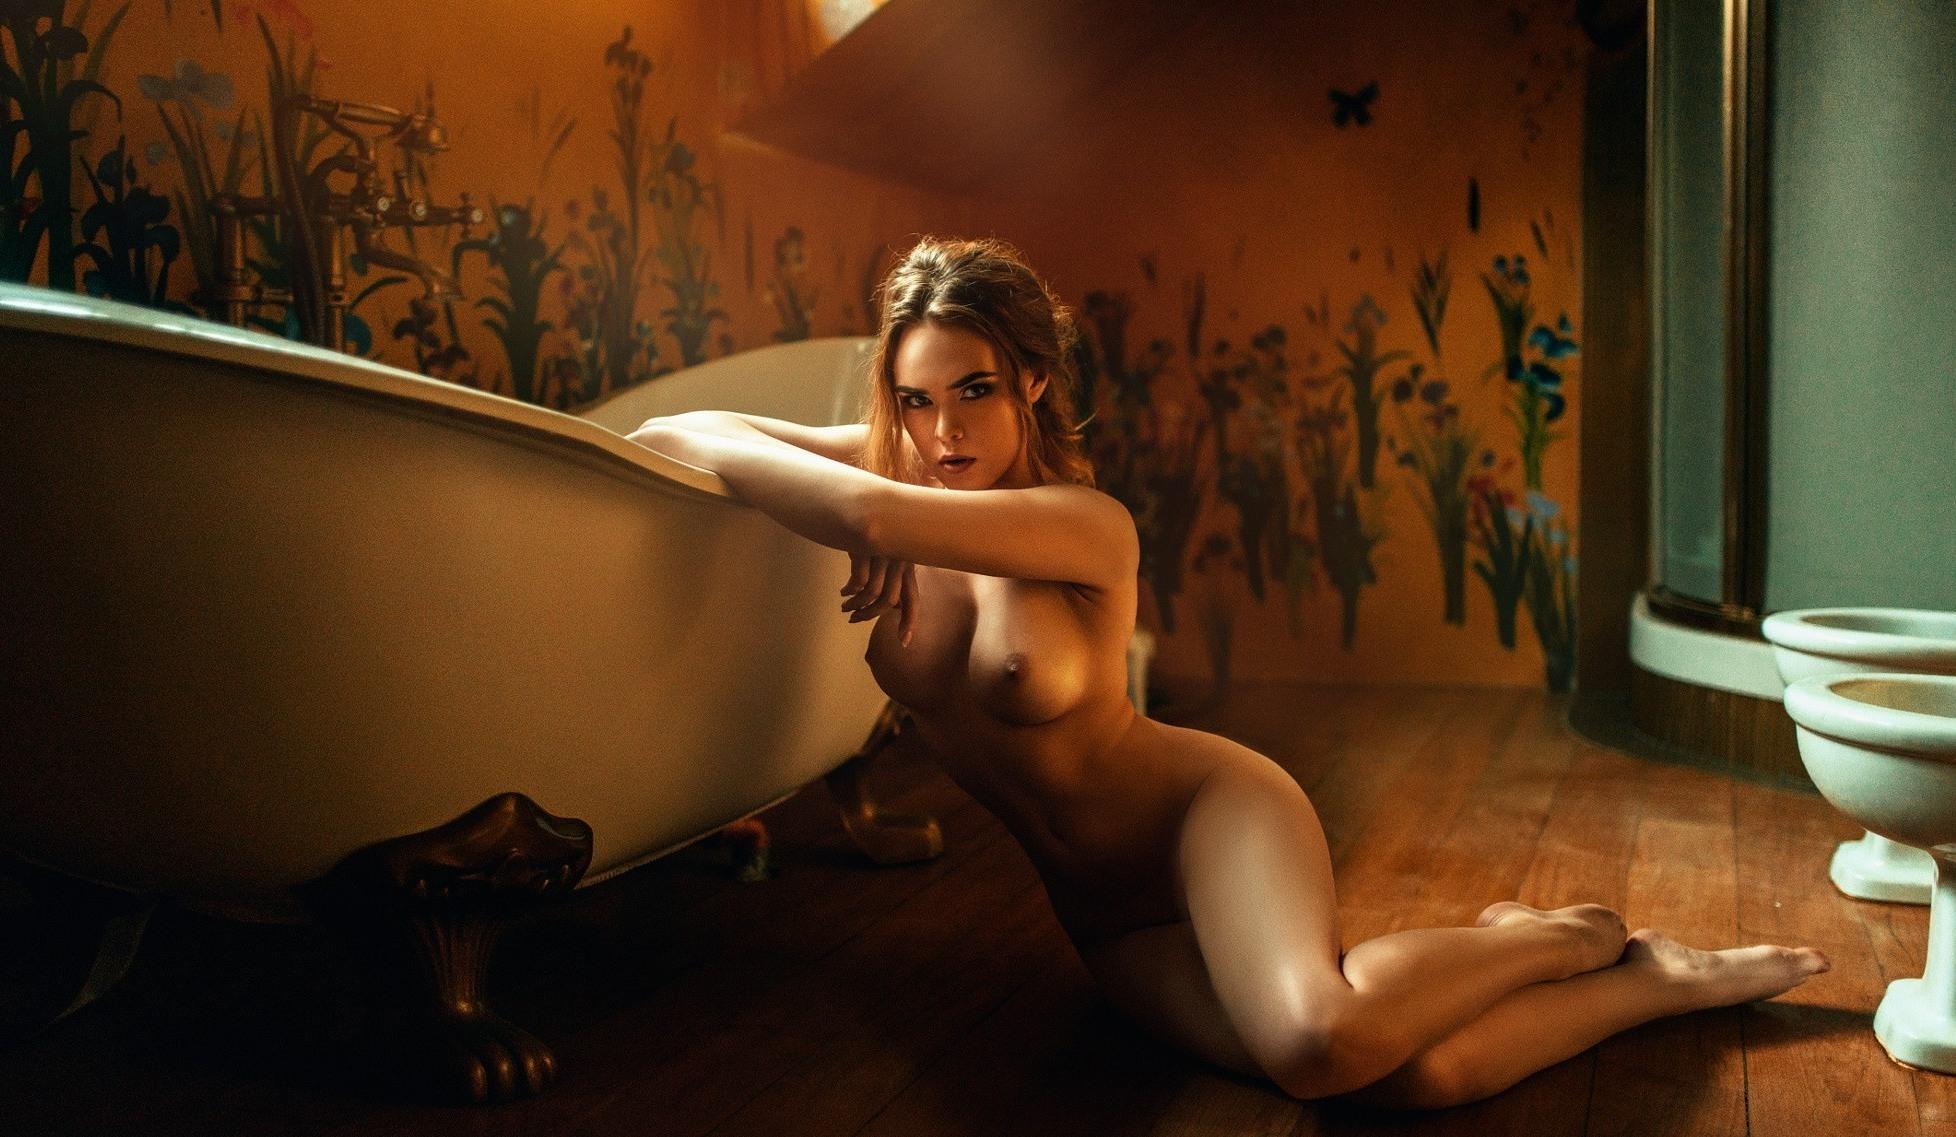 Фото Обнаженная девушка на полу у ванны, сексуальное влажное тело, соблазн, голая красотка, скачать картинку бесплатно